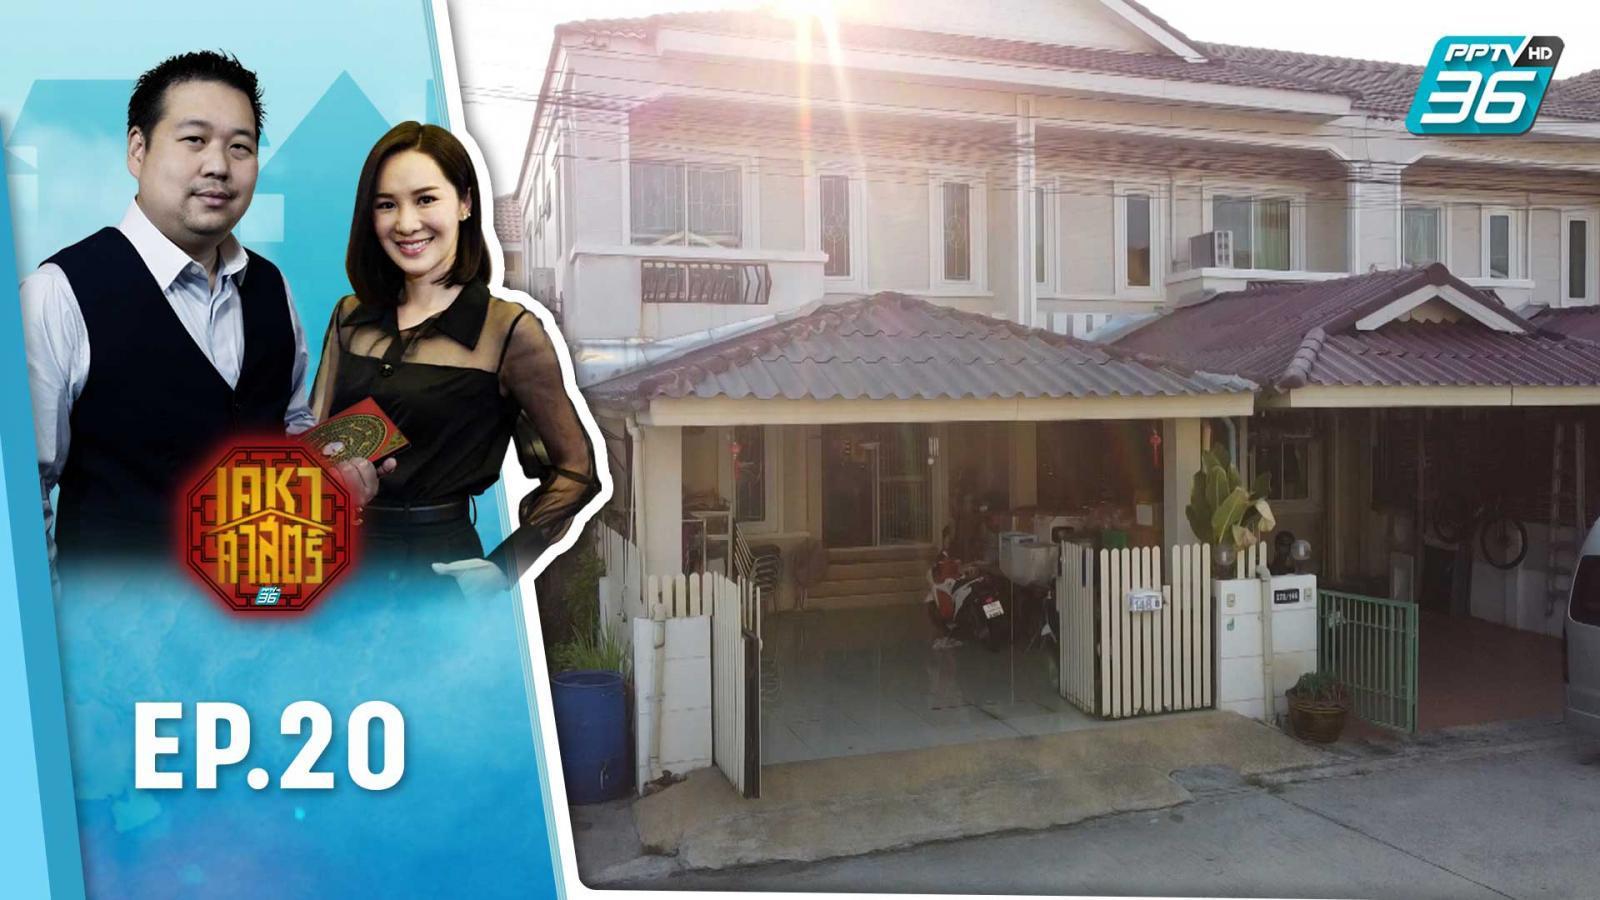 เคหาศาสตร์ | ตี่ลี่ ฮวงจุ้ย | ตอน บ้านนี้ทำให้เงินหมด EP.20 | PPTV HD 36